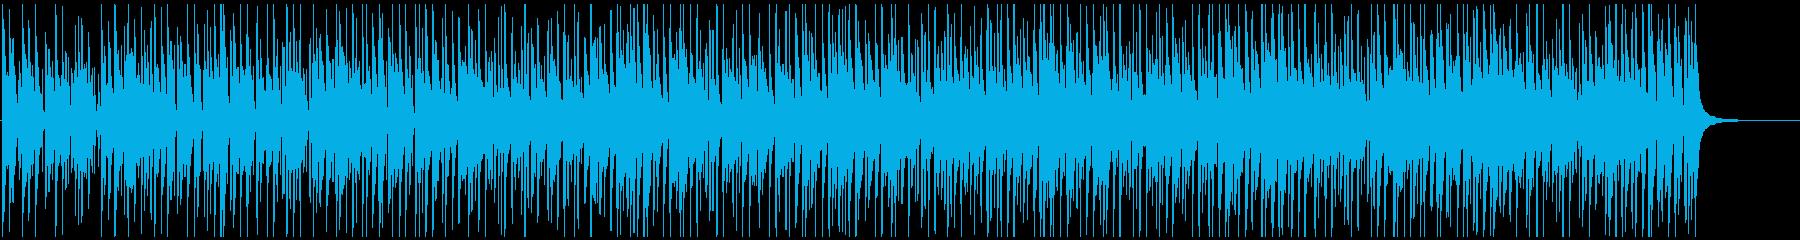 CMや映像に キッズやペット系かわいいの再生済みの波形